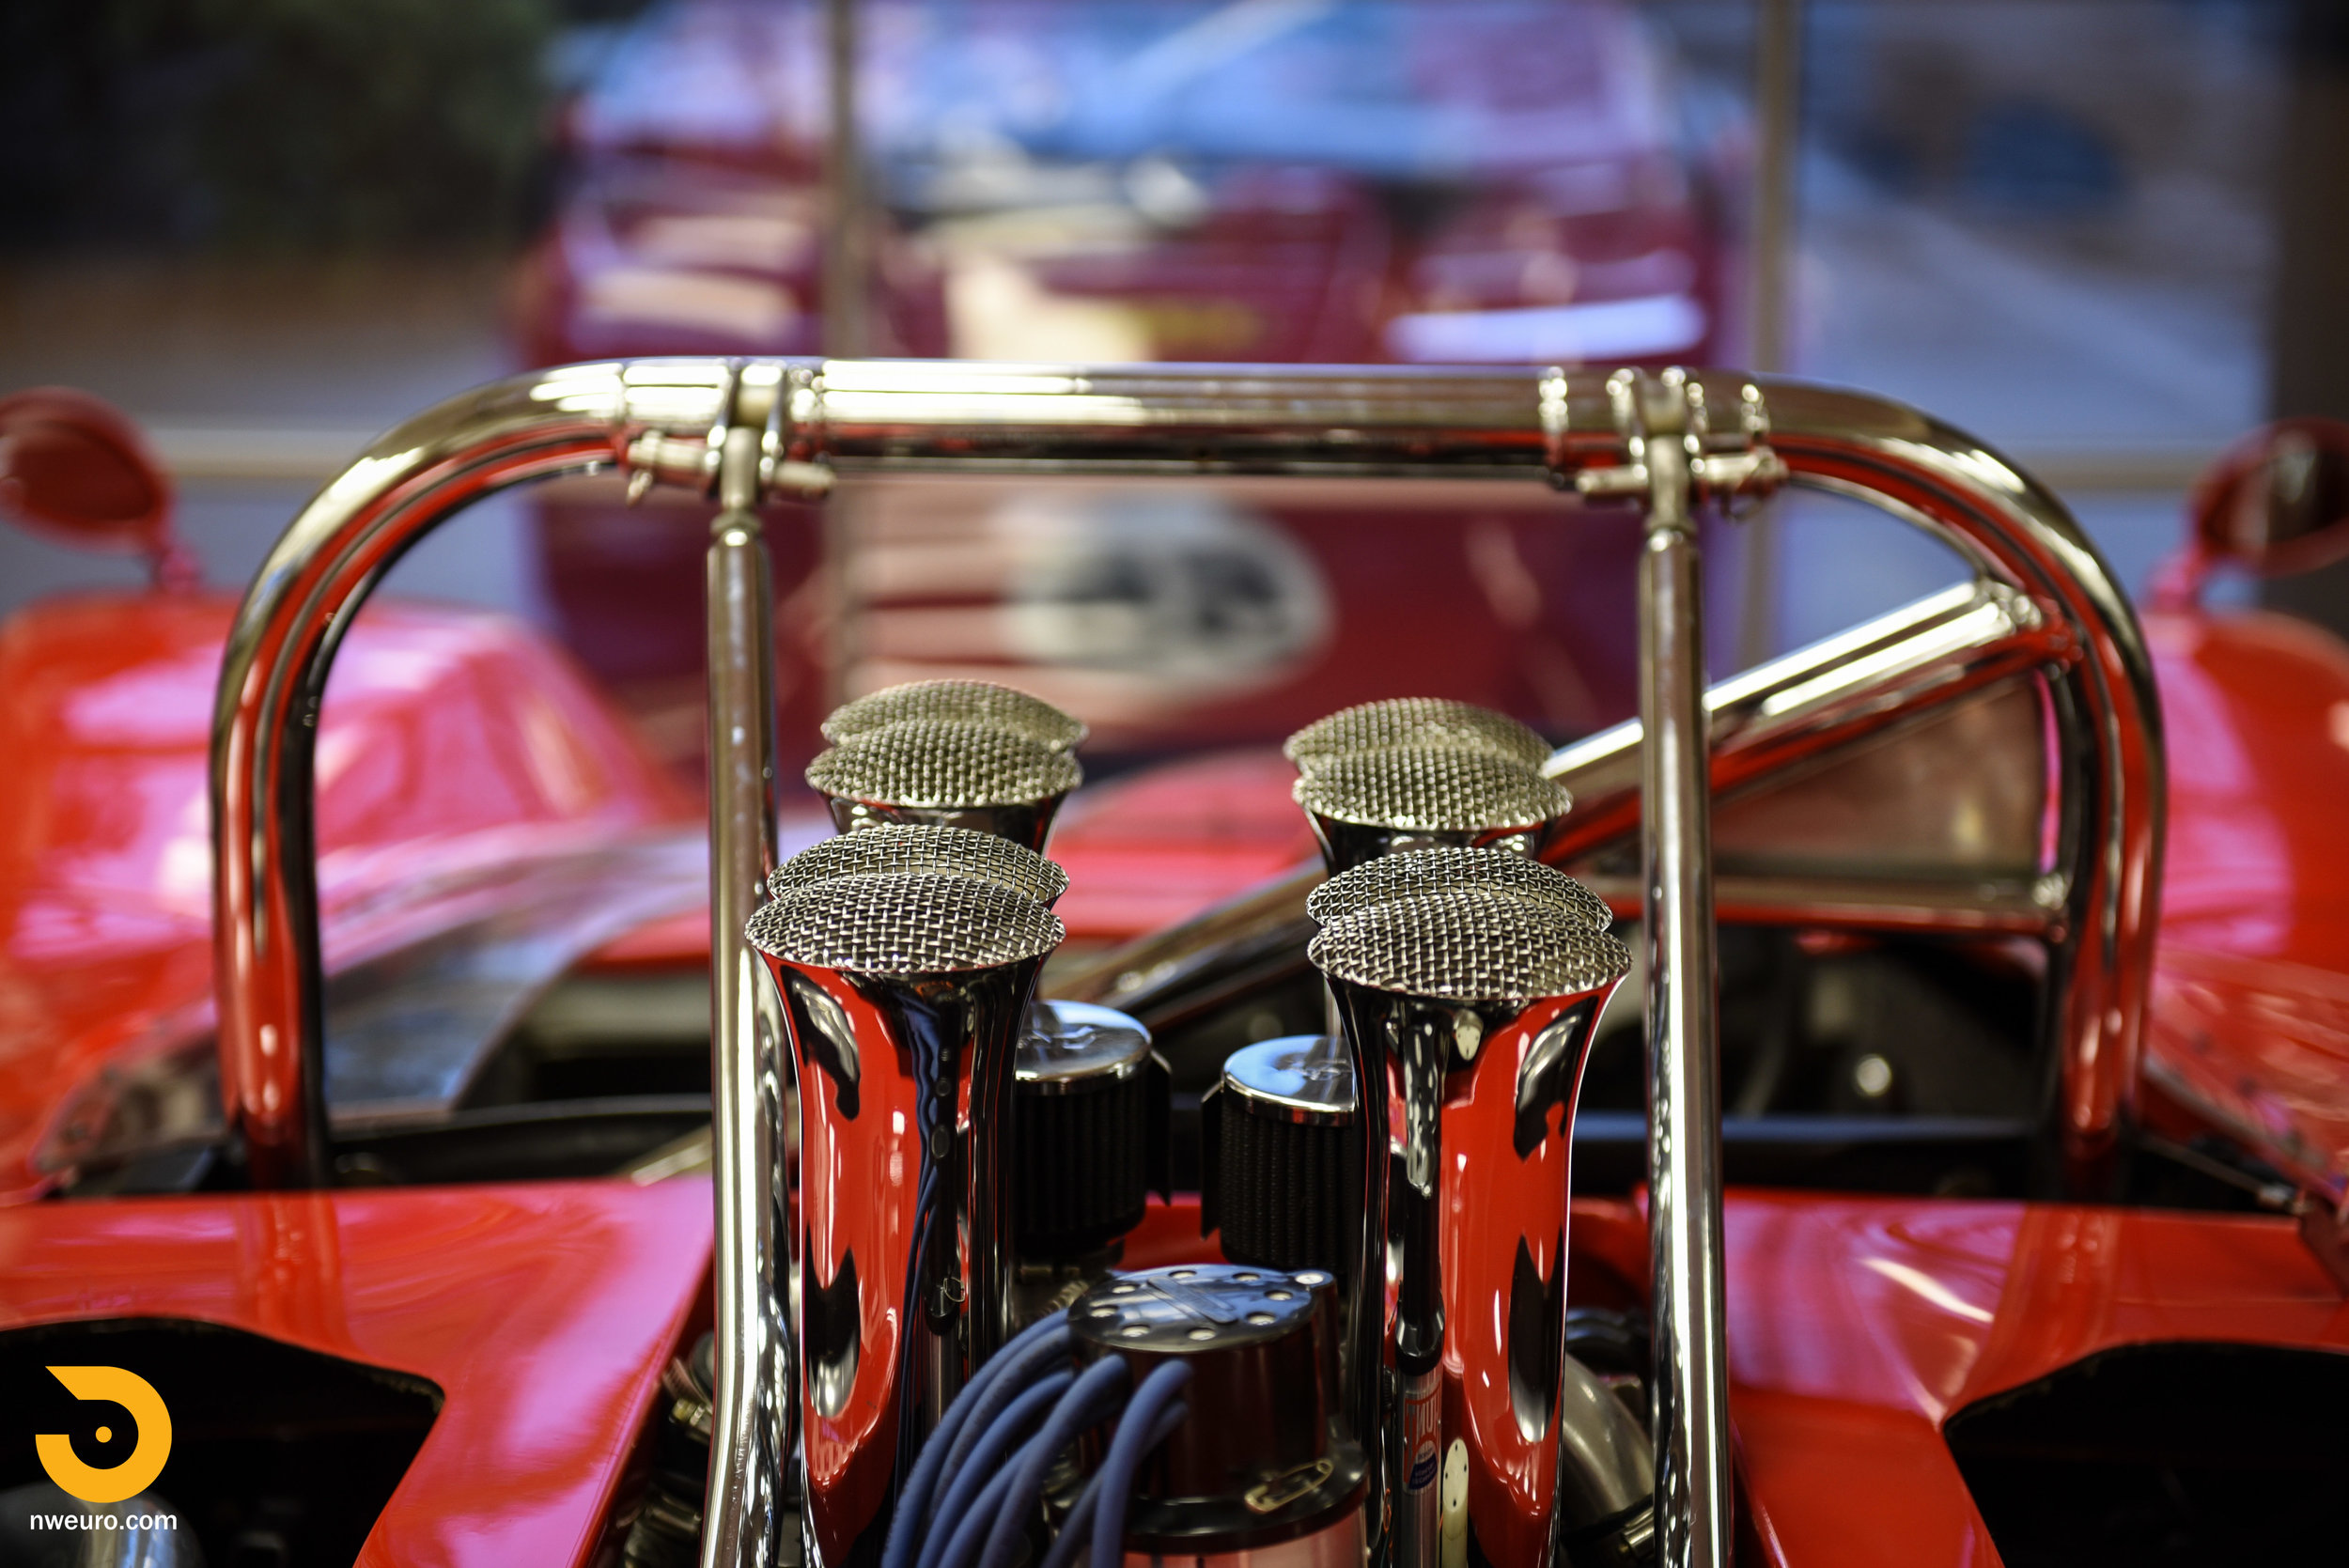 1969 Lola T162 Can-Am Race Car-41.jpg